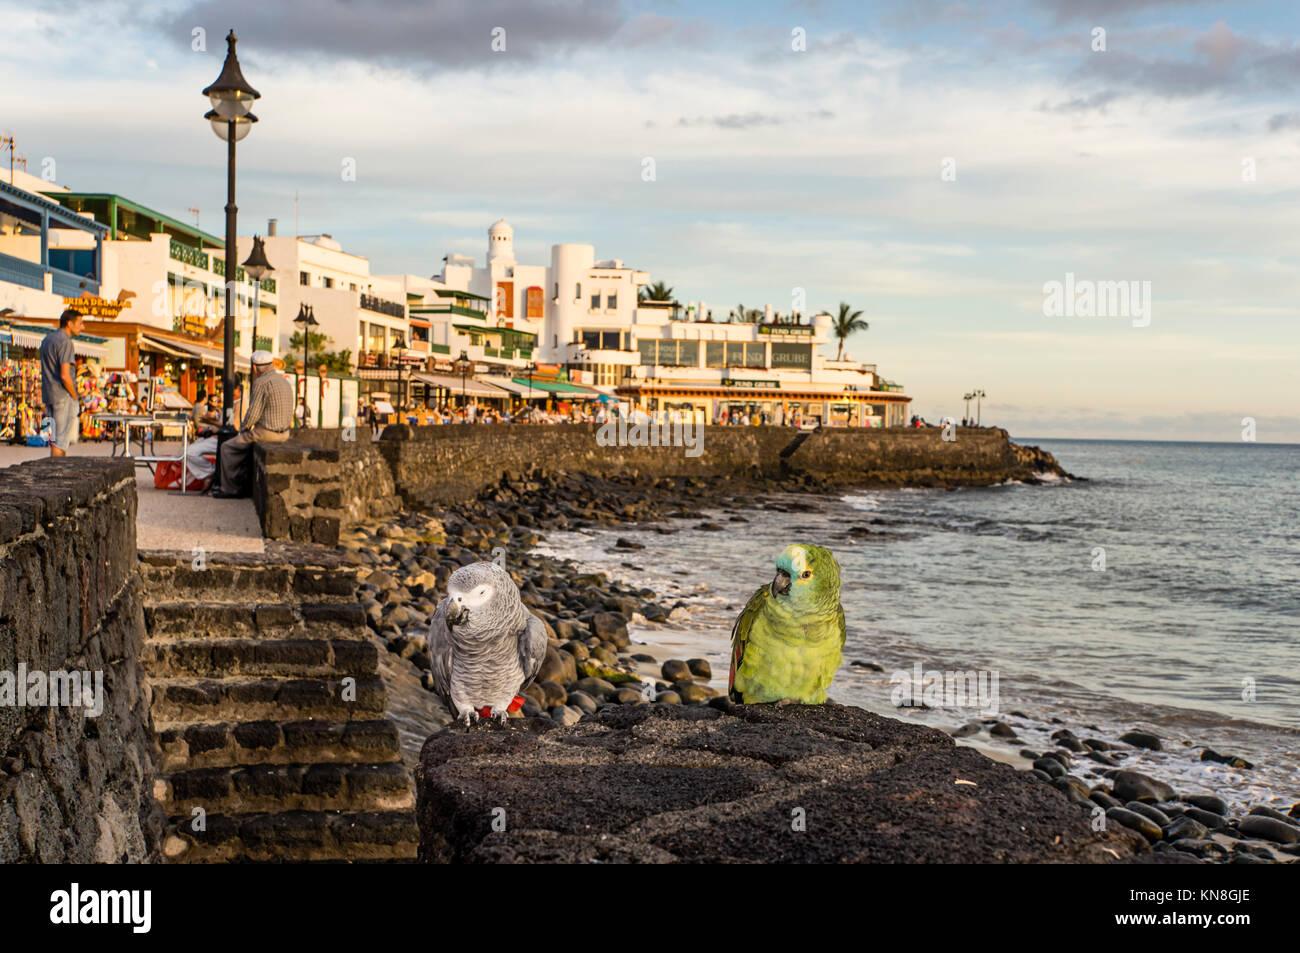 Playa Blanca, Promenade, parrots, Lanzarote, Canary Islands, Spain - Stock Image